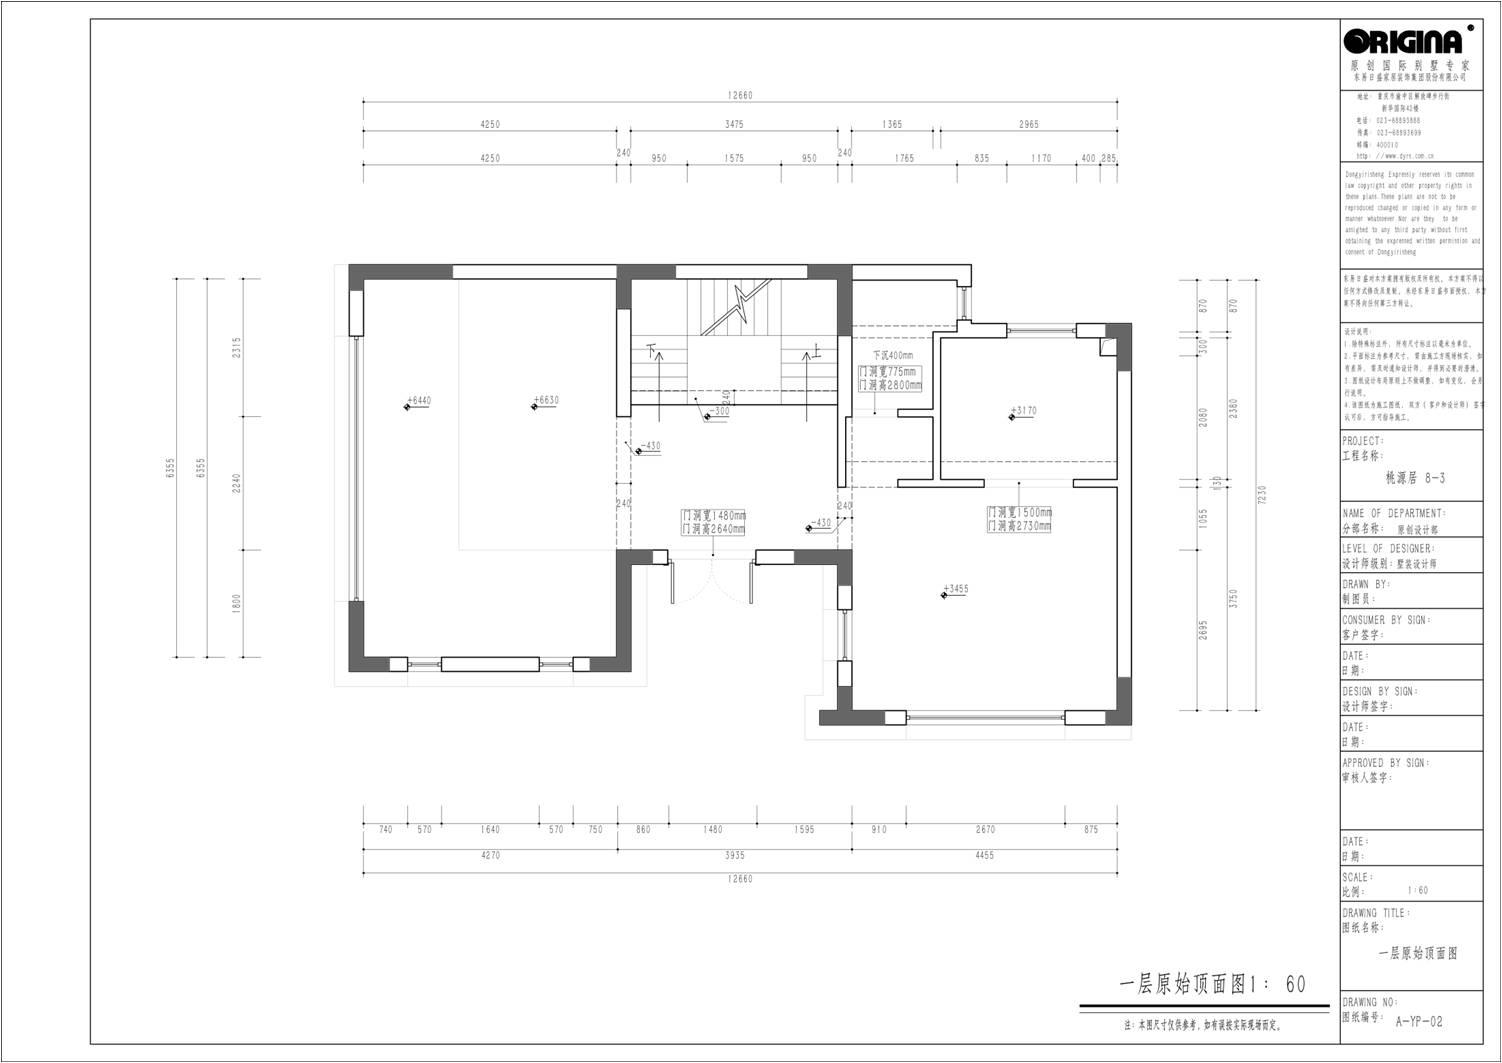 凡尔赛250平米现代前卫效果图丨独栋别墅装修高端设计装修设计理念